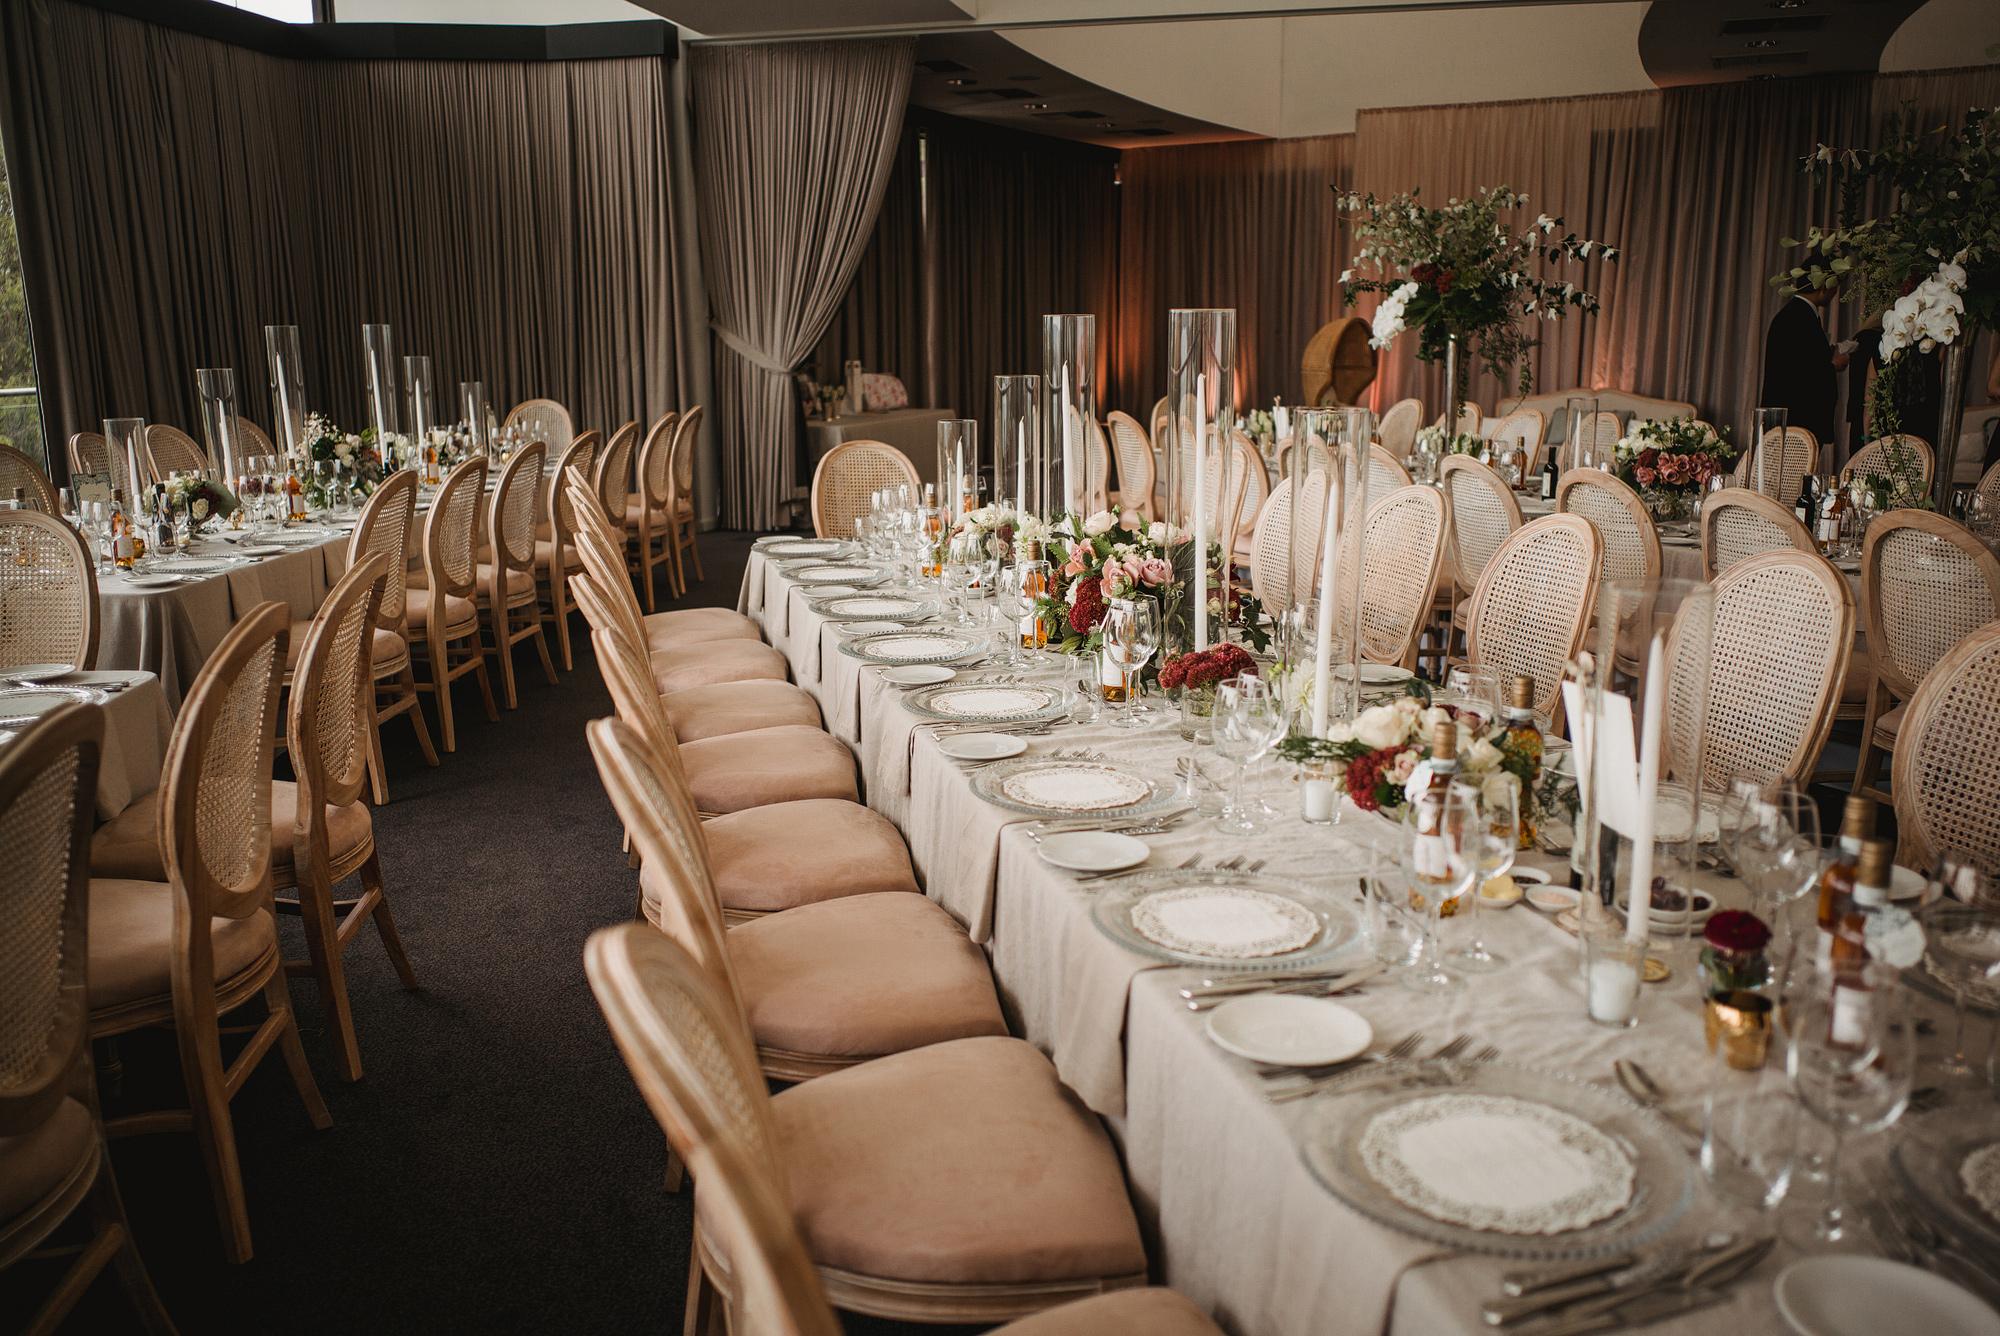 Ceci_New_York_Custom_Invitation_Australia_Perth_Destination_Wedding_Luxury_Personalized_Ceci_Style_Bride_59.jpg